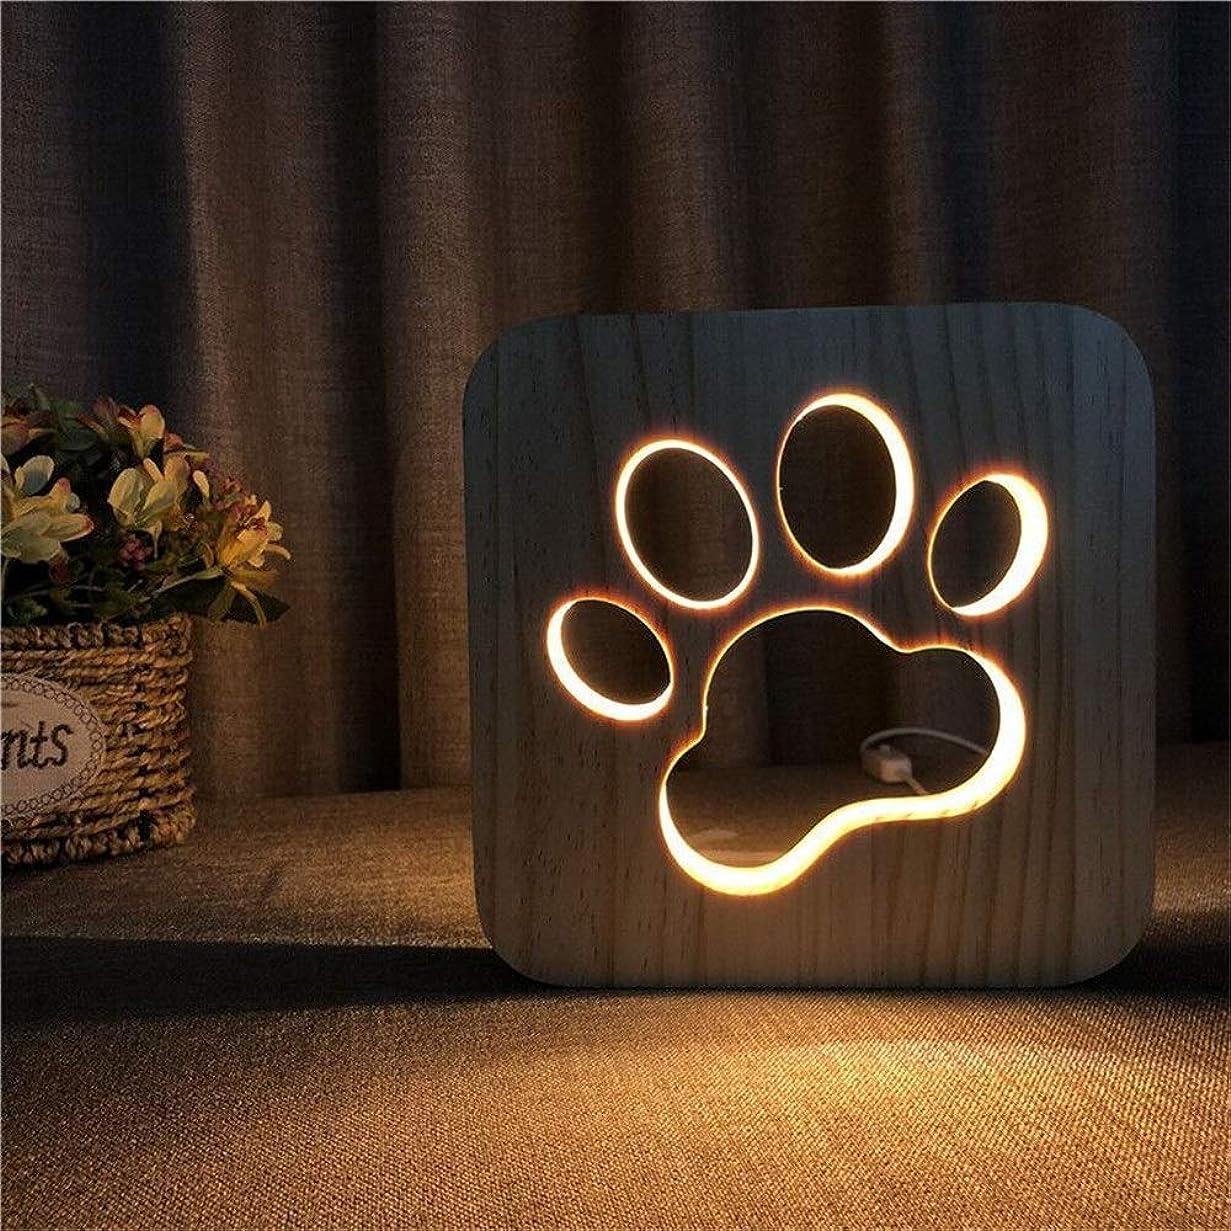 揺れる叱る適切なナイトライトled かわいい猫の爪の足跡彫刻パターン3d木製錯覚ledライトオフィステーブルランプギフトリビングルーム家の装飾usb電源 常夜灯 (色 : Wood, サイズ : 190*190*30mm)